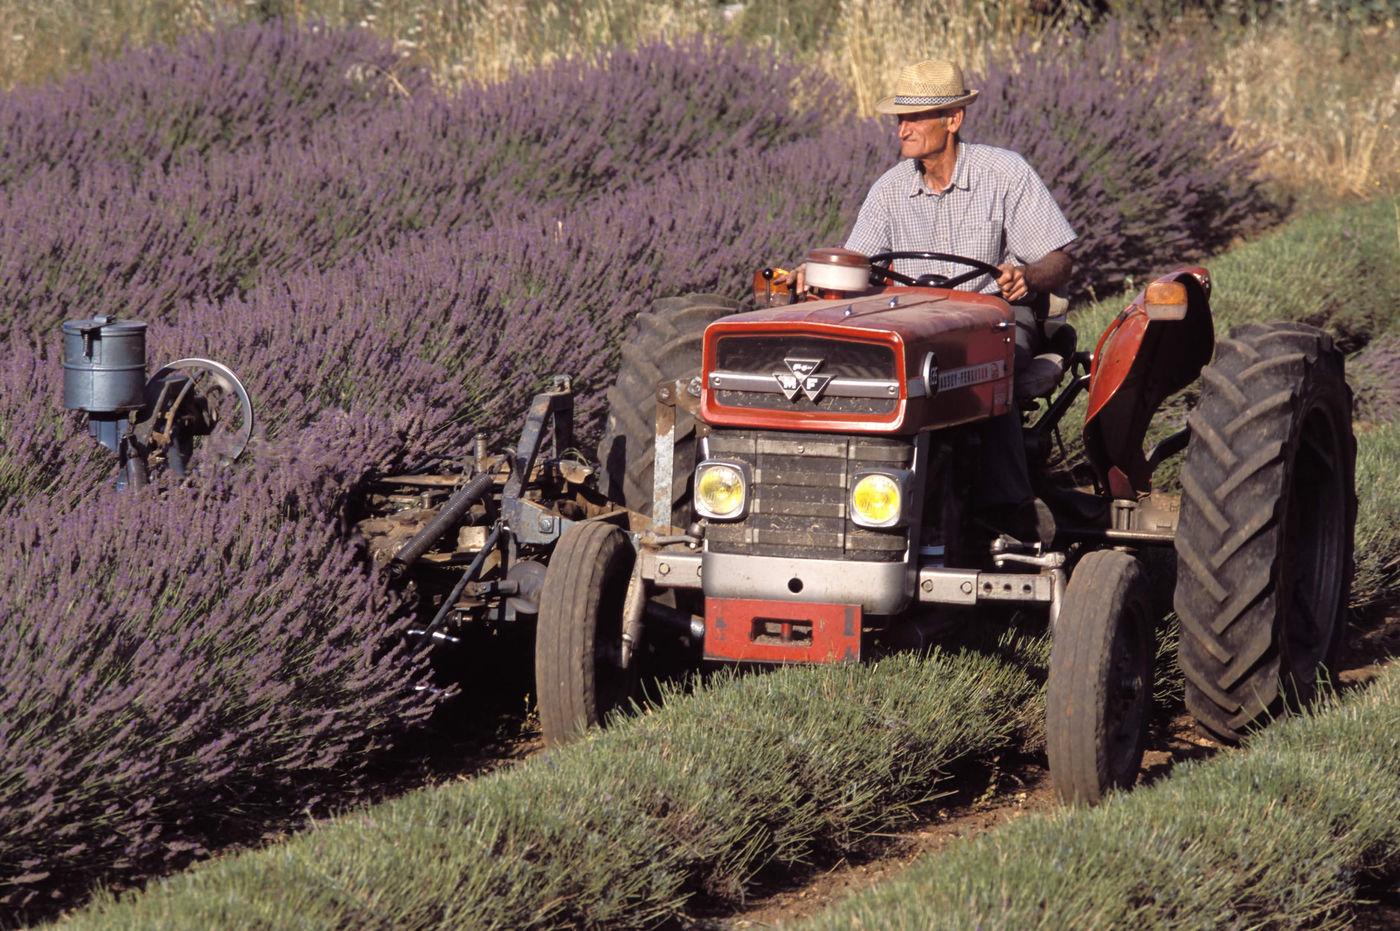 Harvesting Lavender Flower